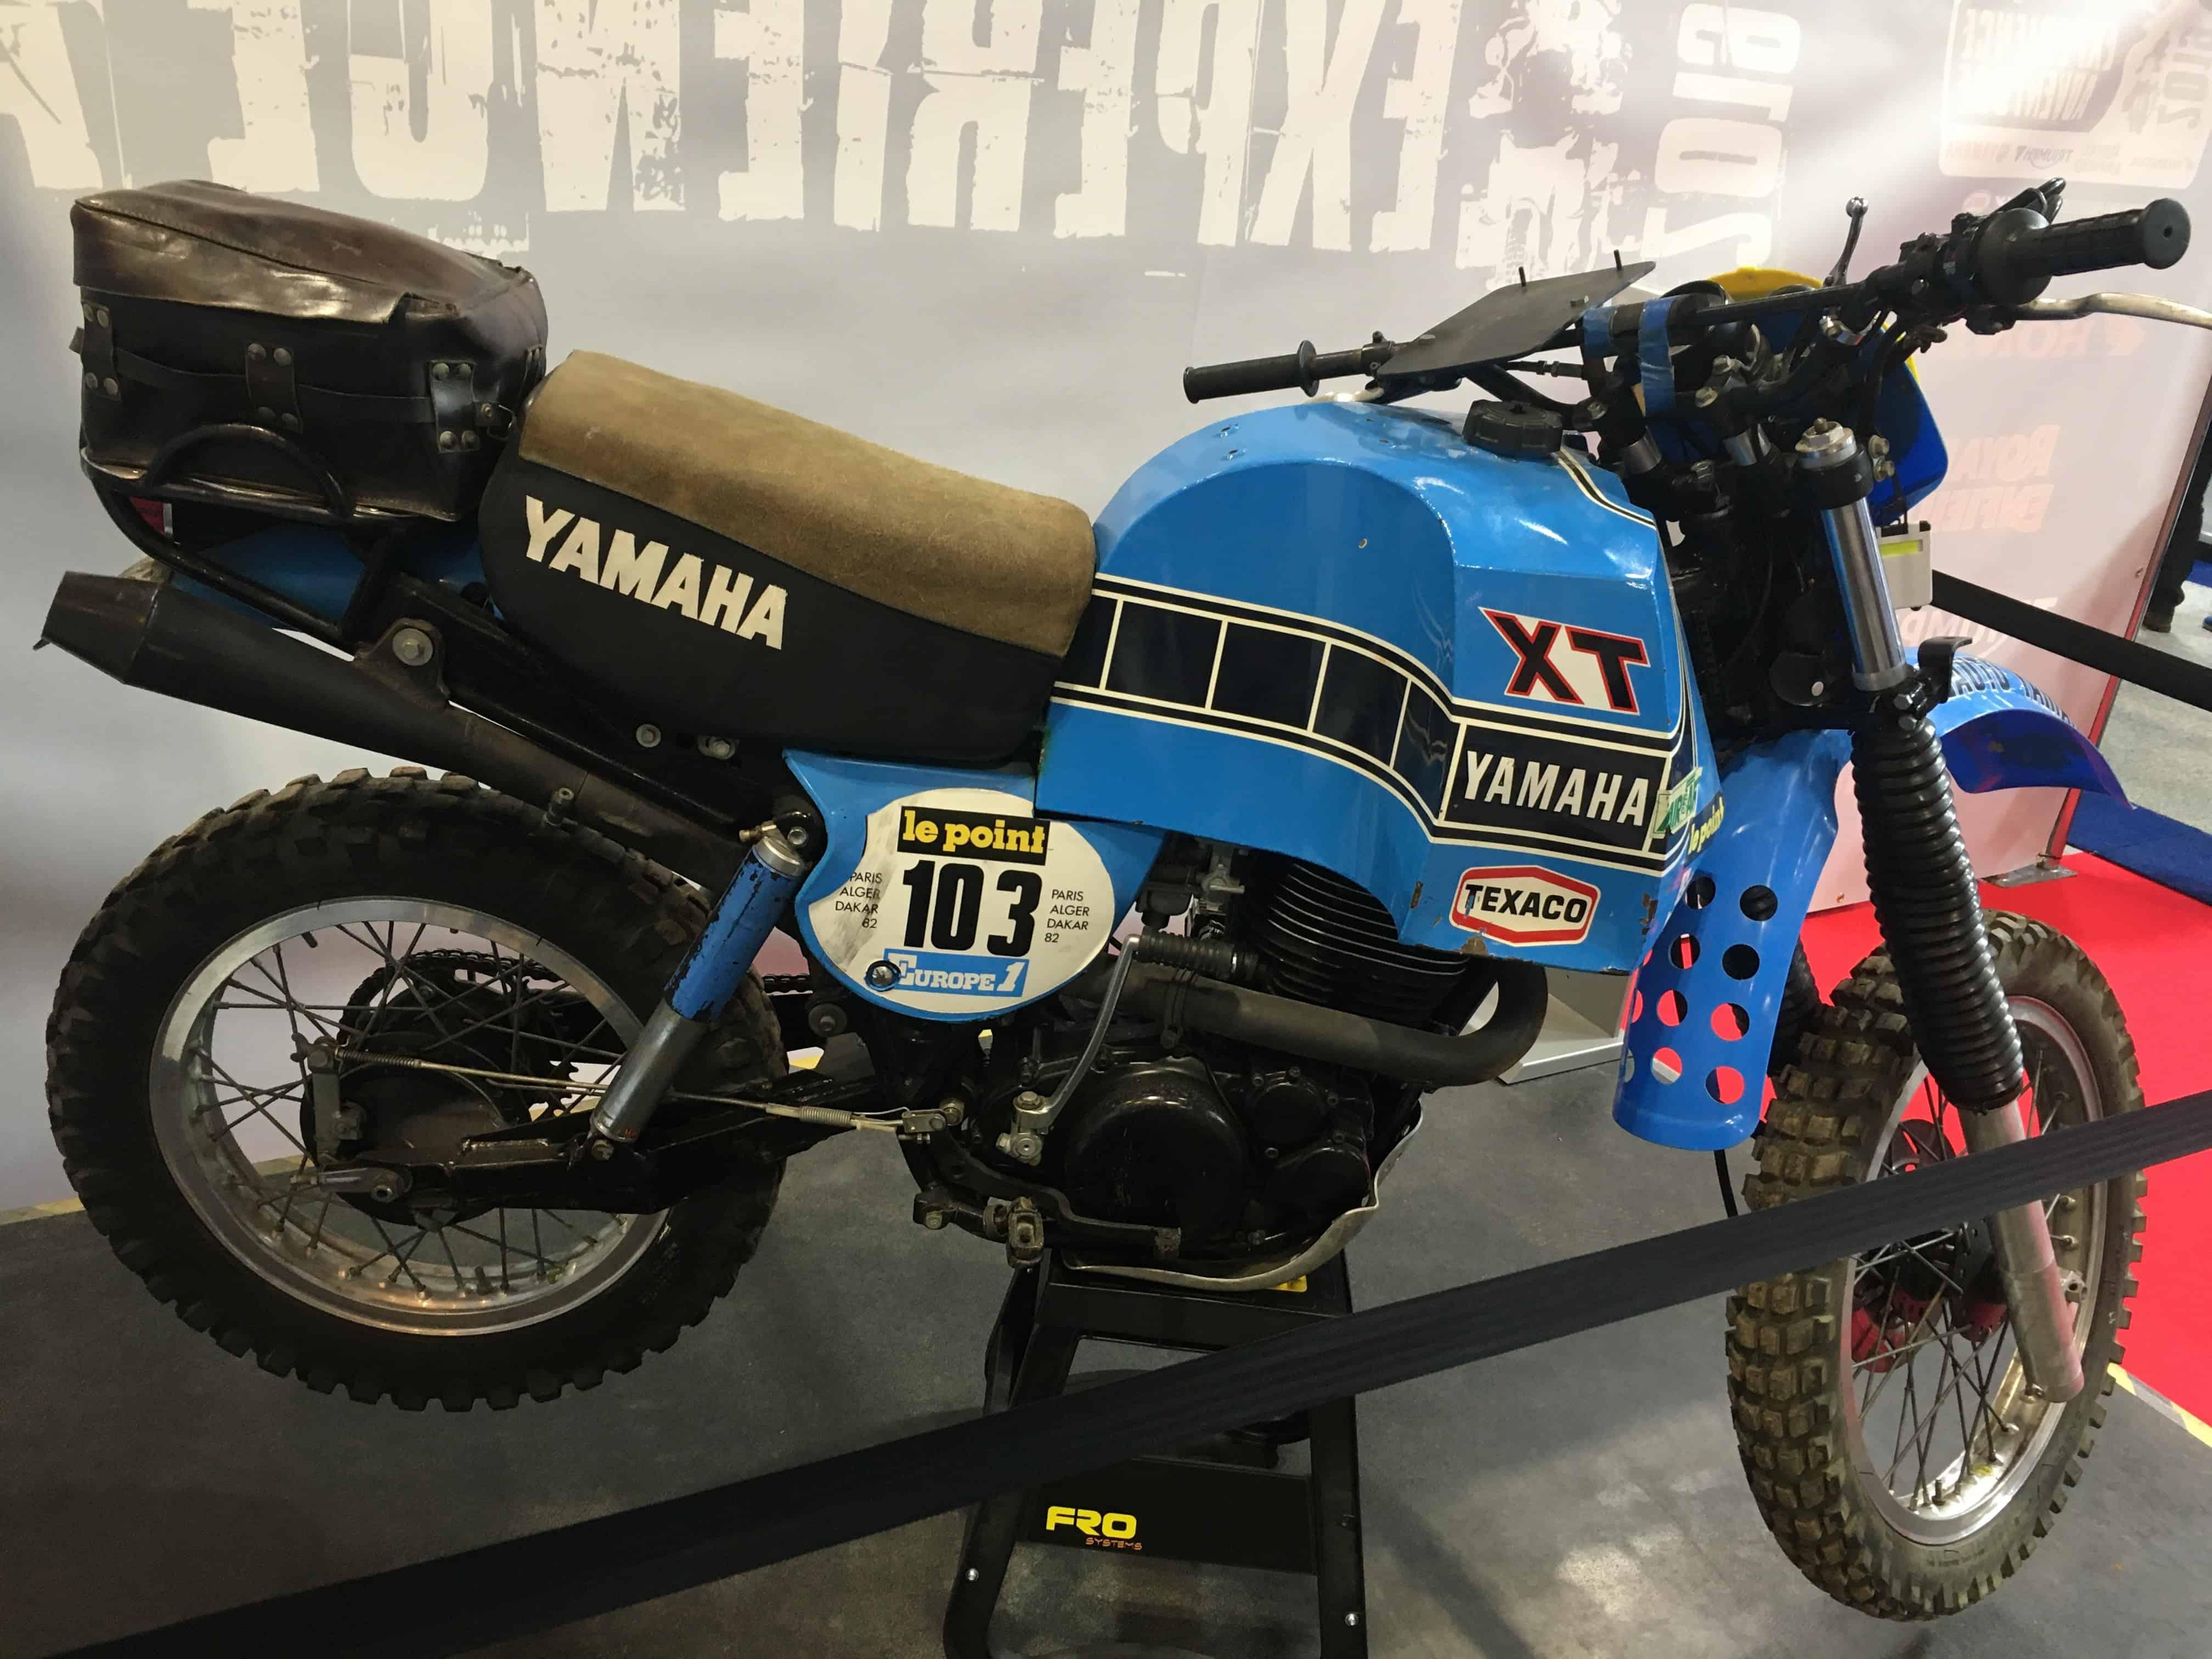 1982 Yamaha XT550 Dakar